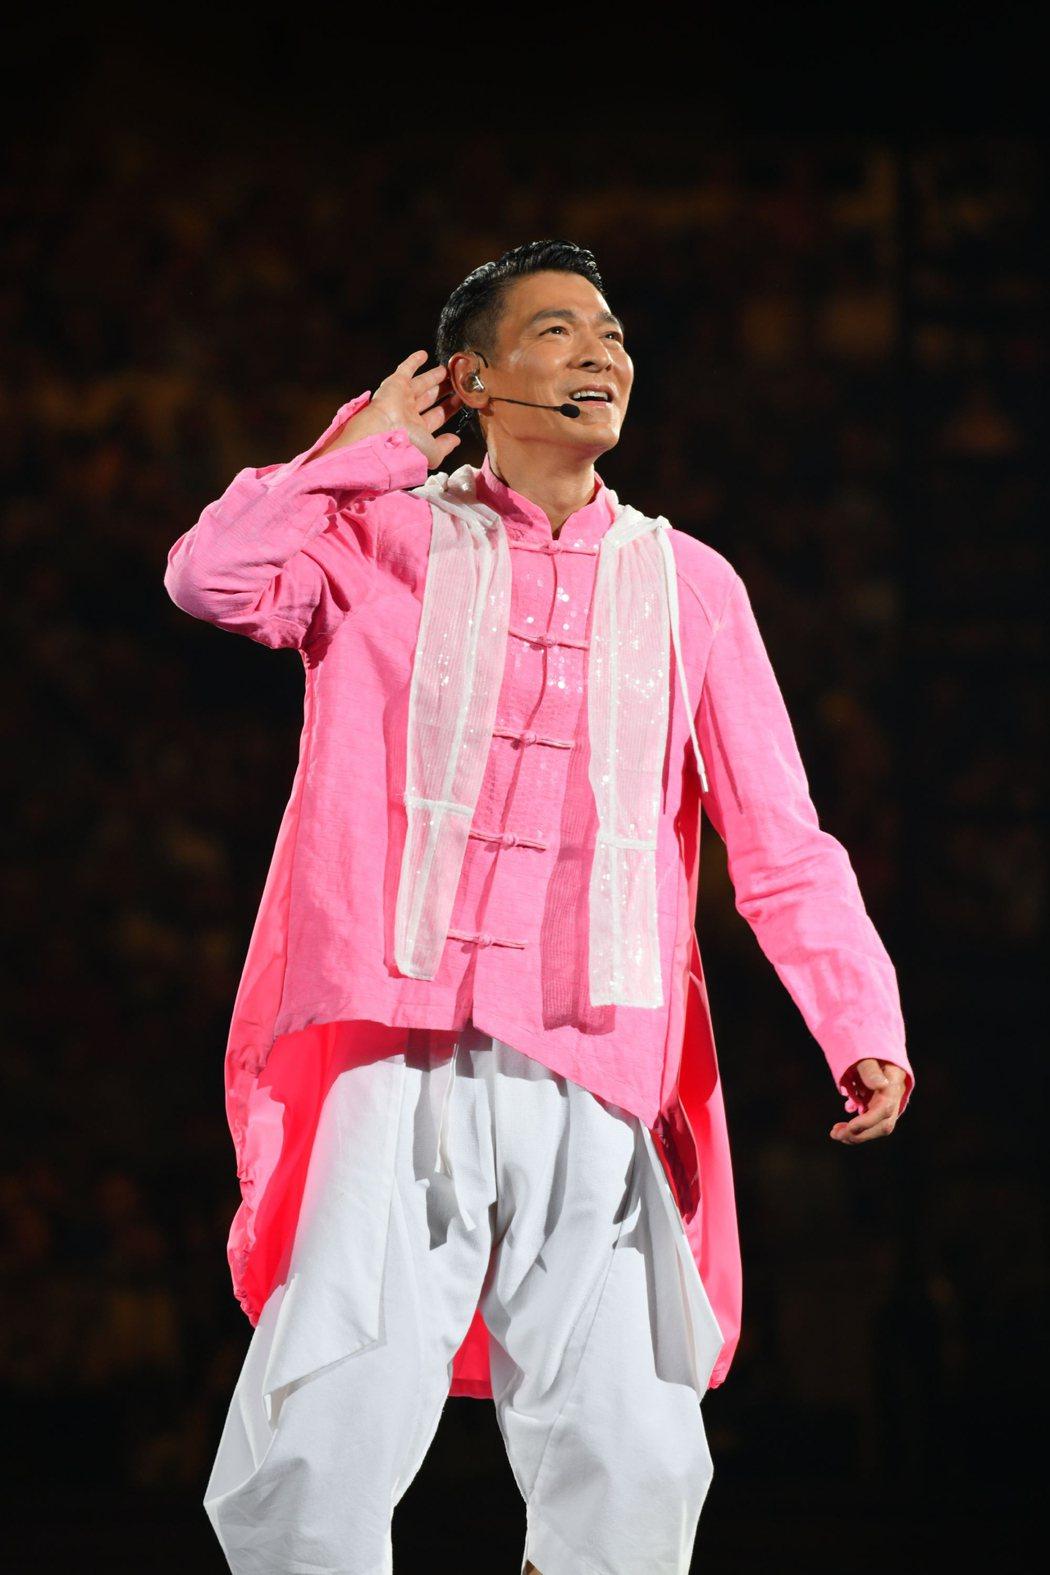 劉德華暌違14年,昨晚重踏吉隆坡開唱。圖/台灣映藝提供